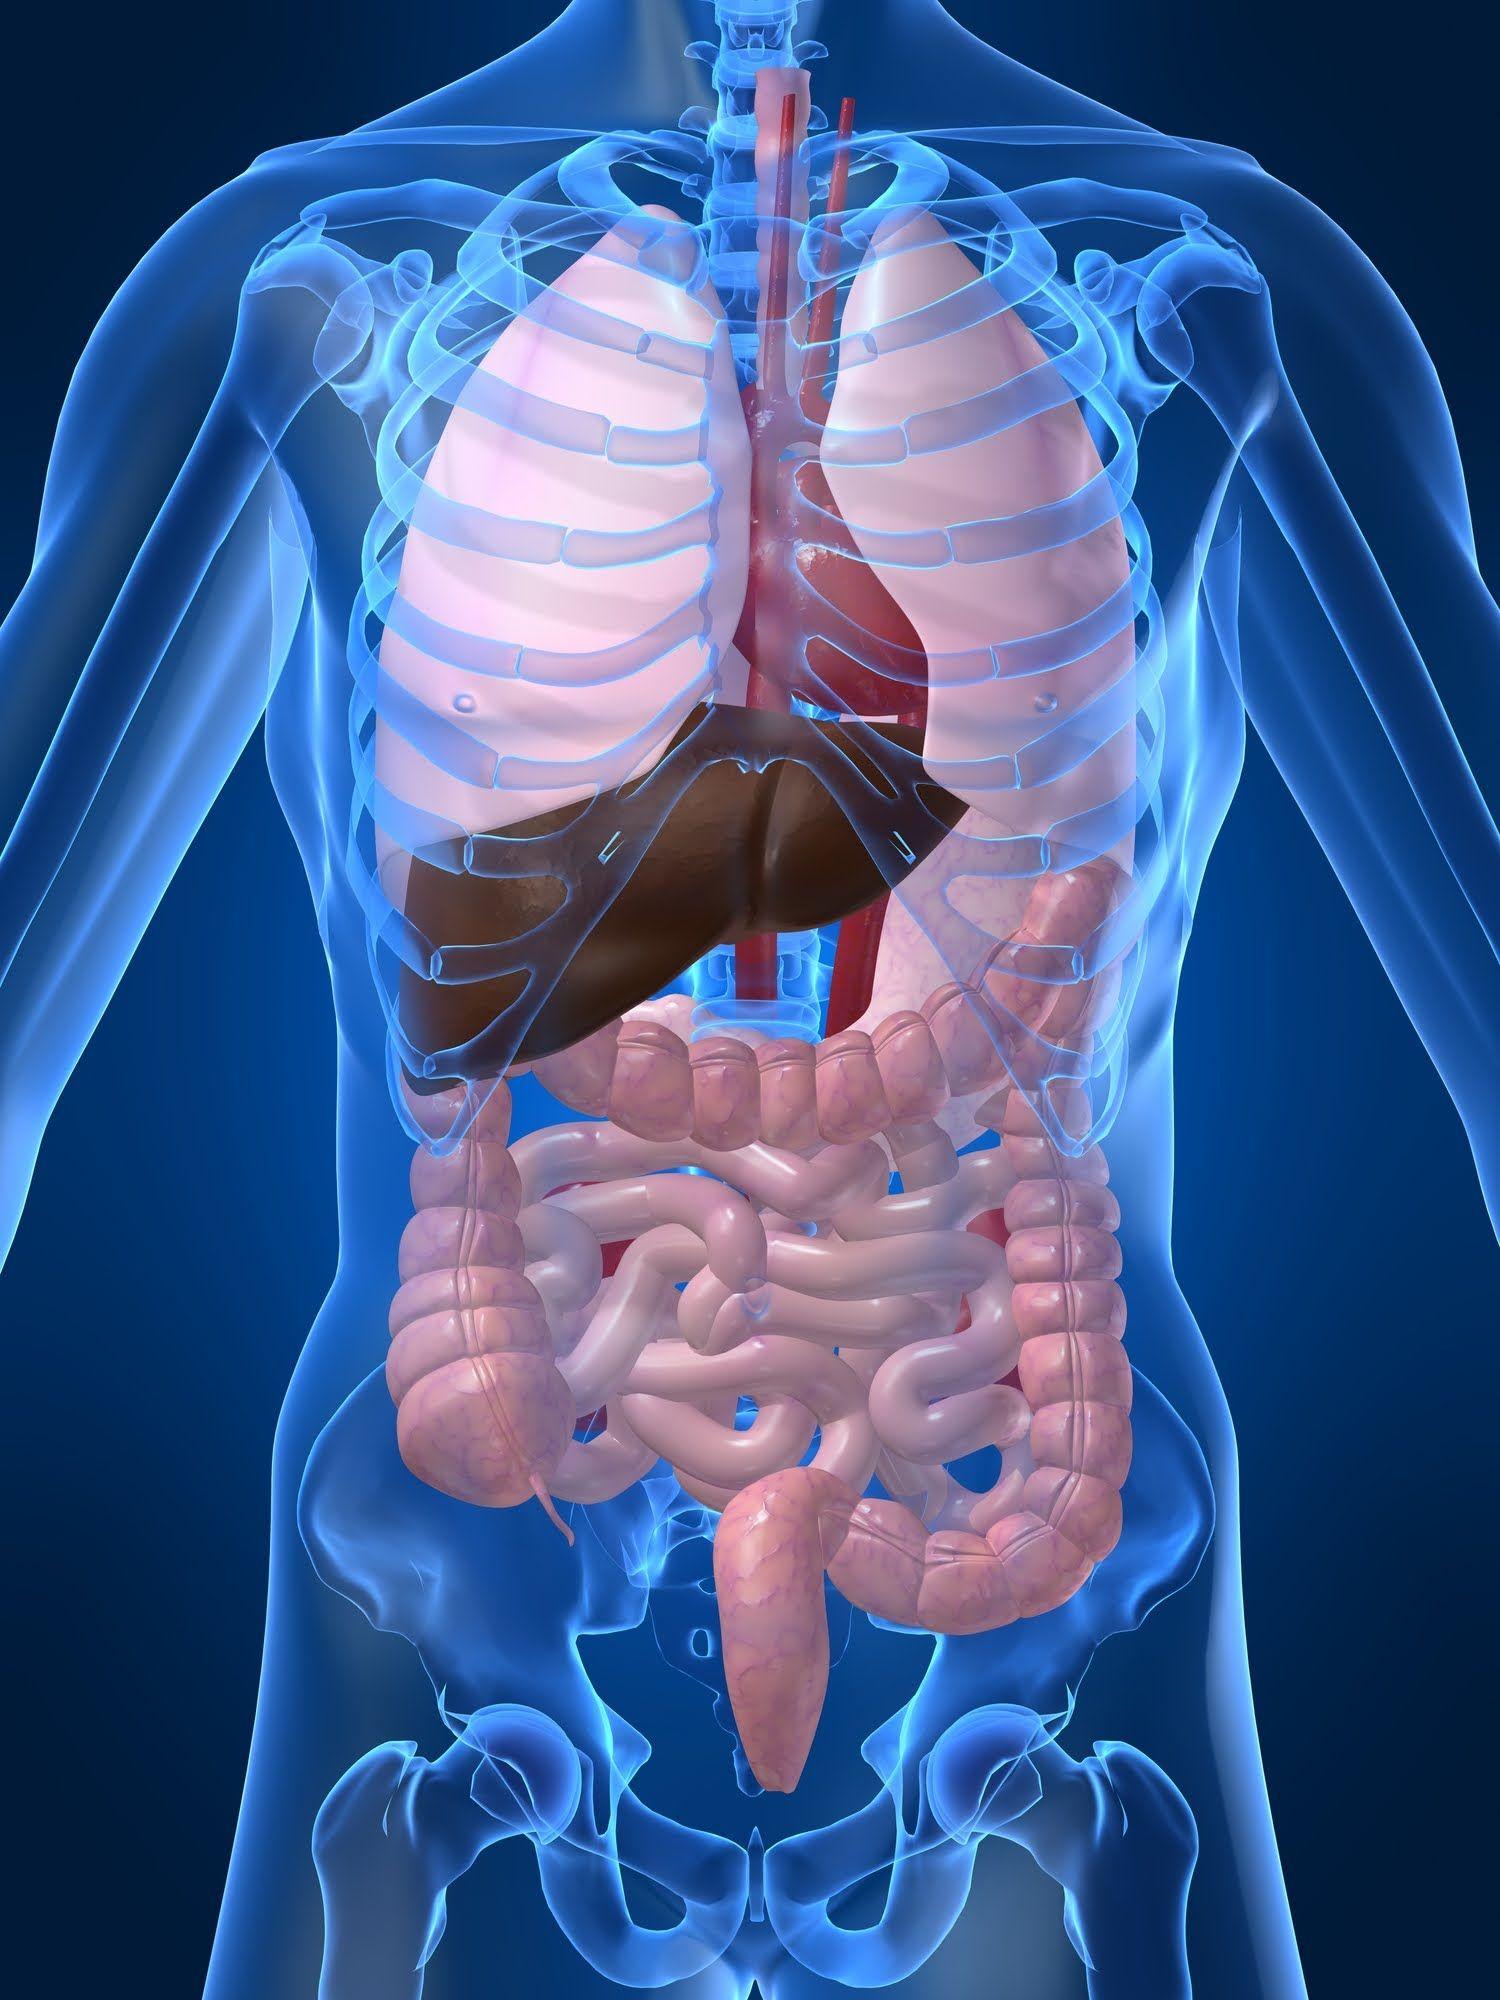 Organs of the human body Los organos del cuerpo humano.The human ...